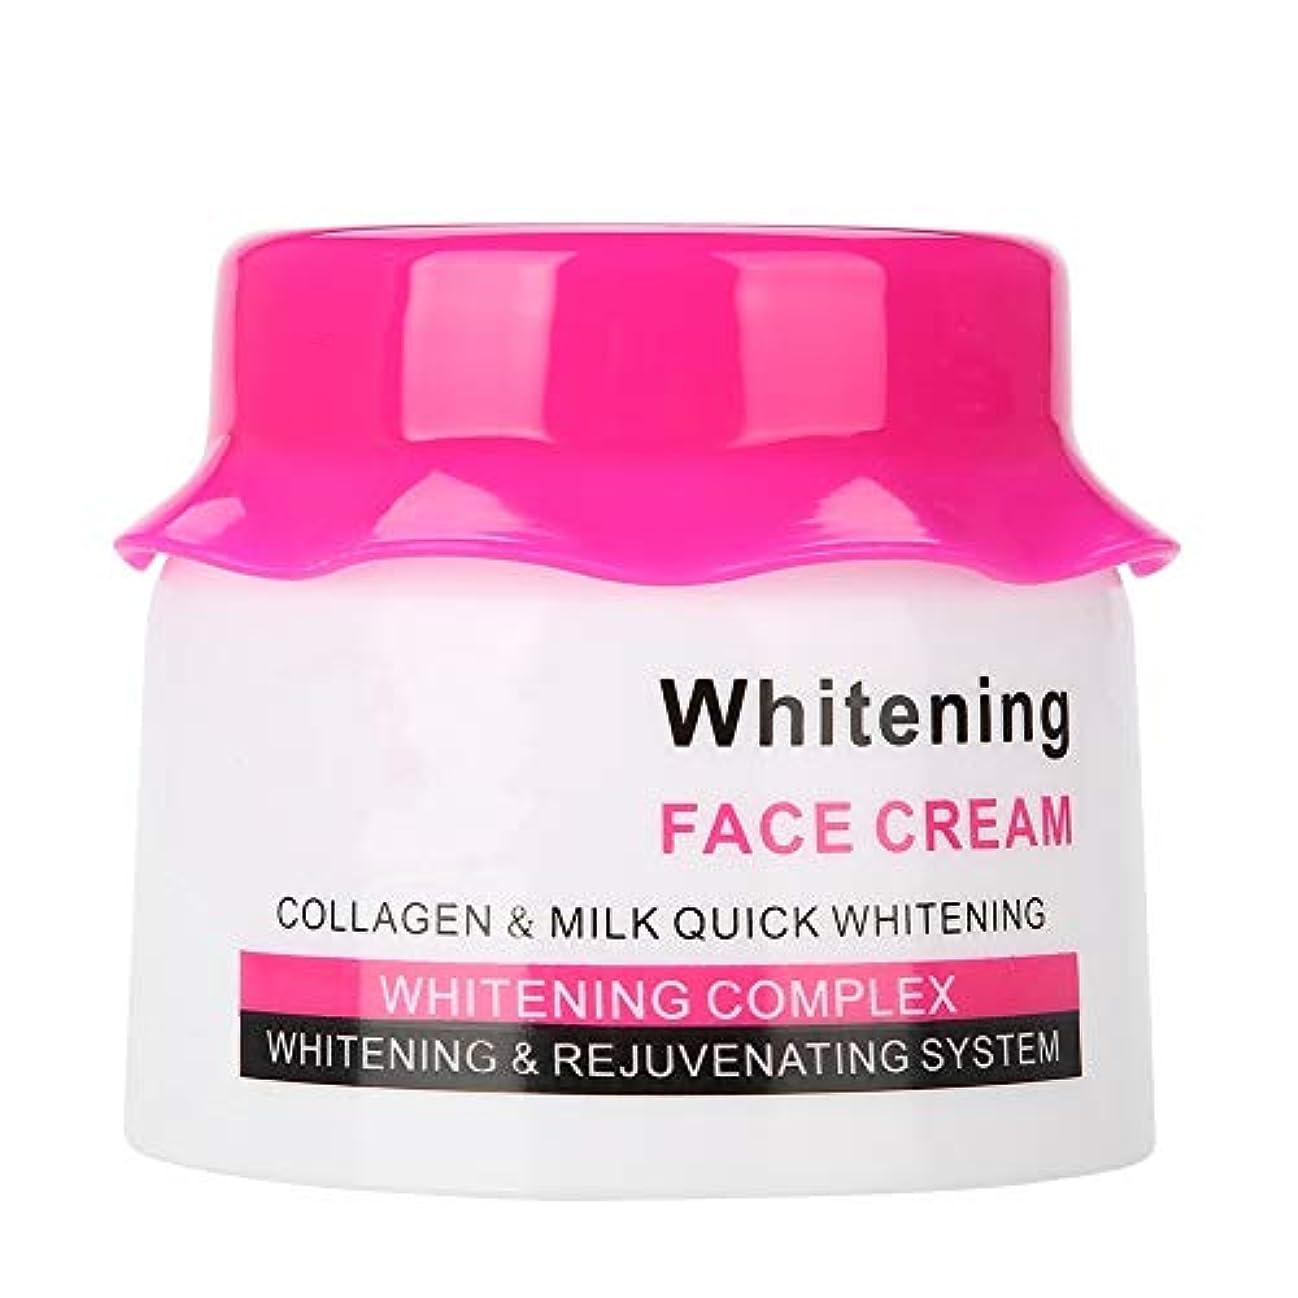 私達蒸発するスロー天然コラーゲン、肌のリラクゼーションと引き締まった肌の多機能、保湿引き締めフェイシャルシュリンクポアケア肌を白くするフェイシャルクリーム